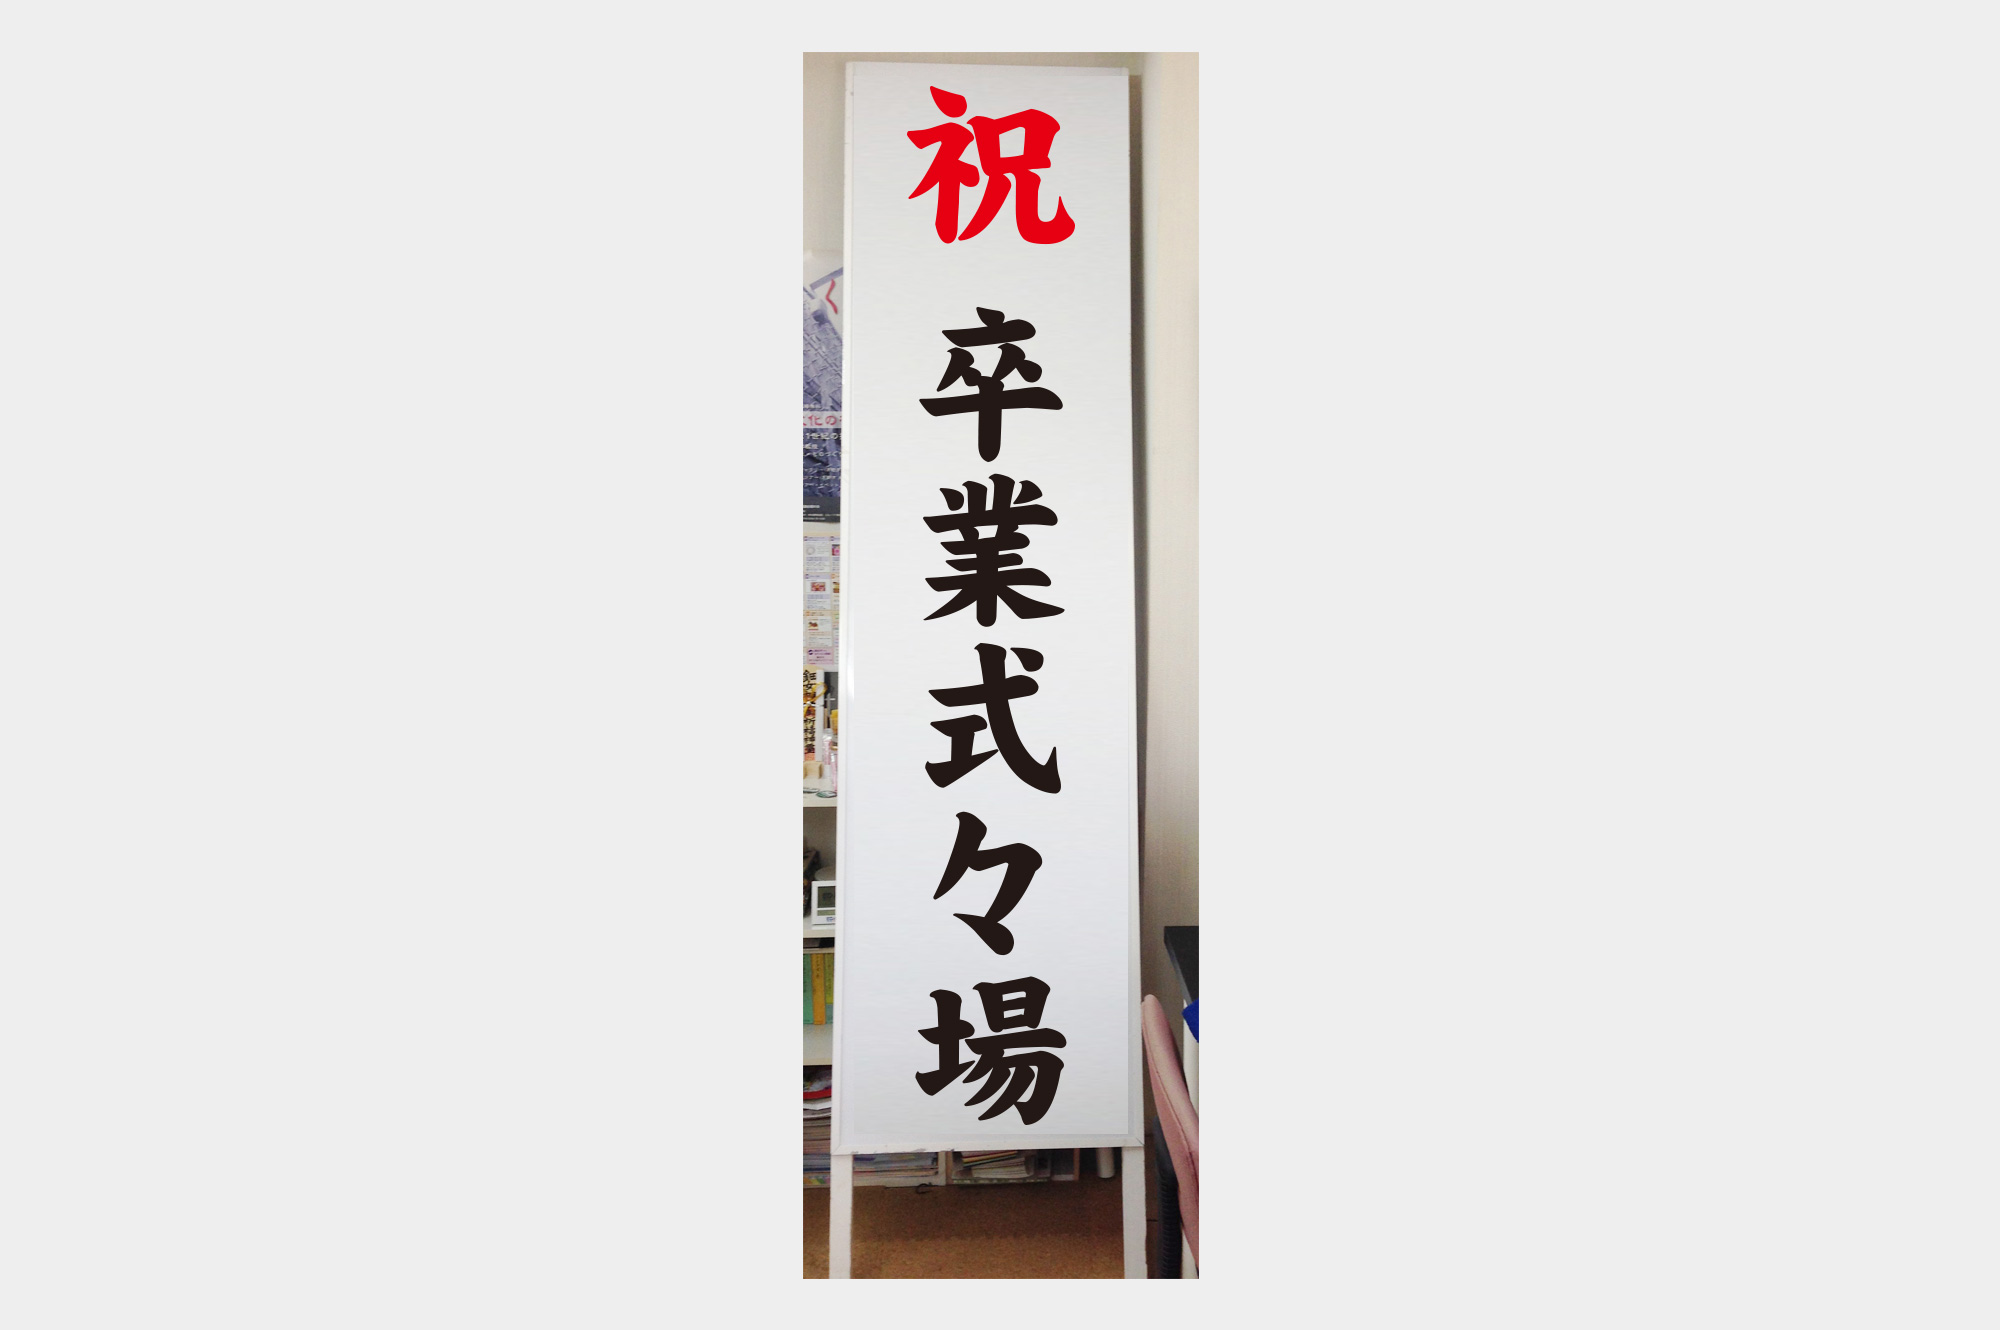 案内看板(岡谷工業高校様)